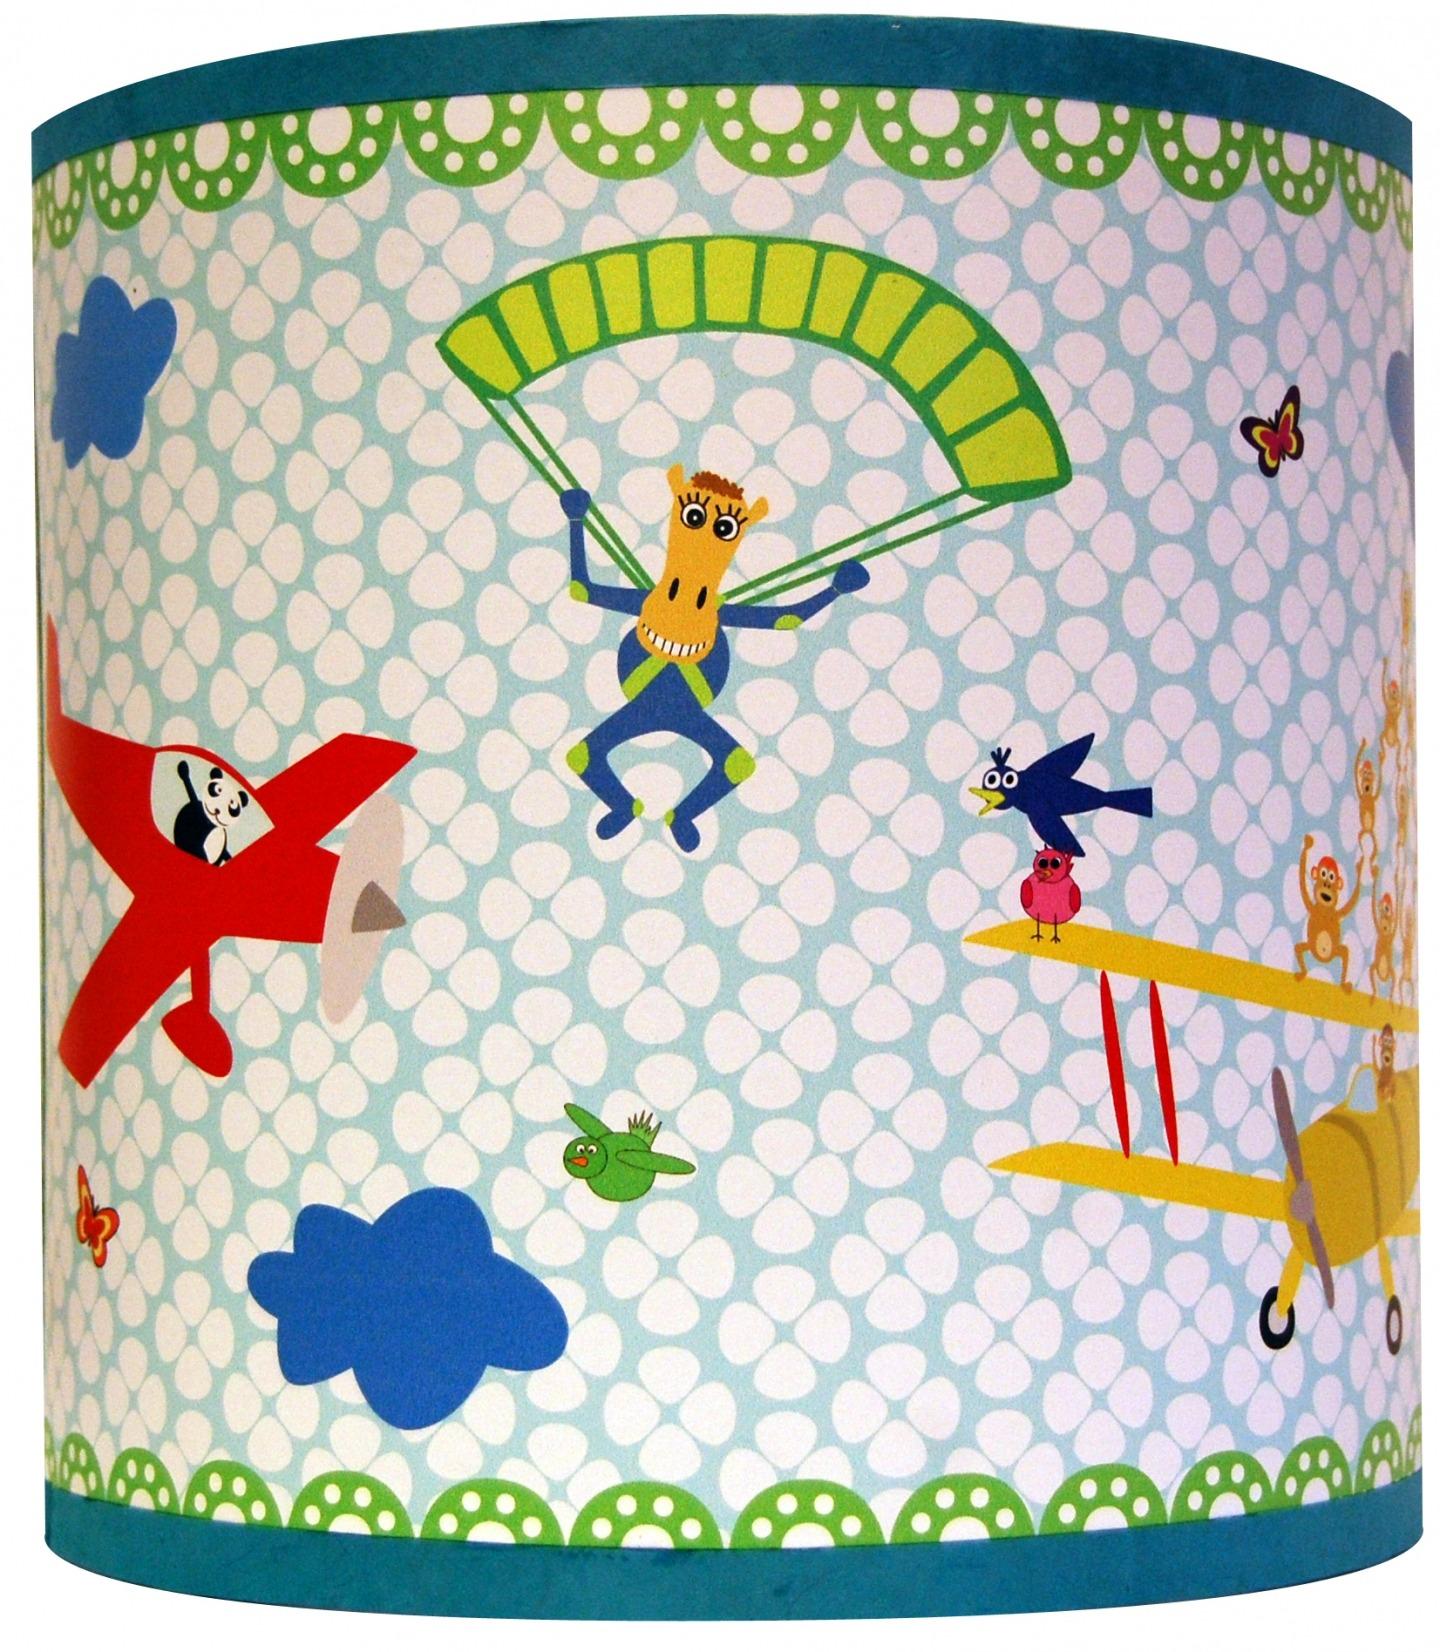 Decoration pour enfants luminaire enfant lampe de chevet da 2730183 avion susp 2 9440a big